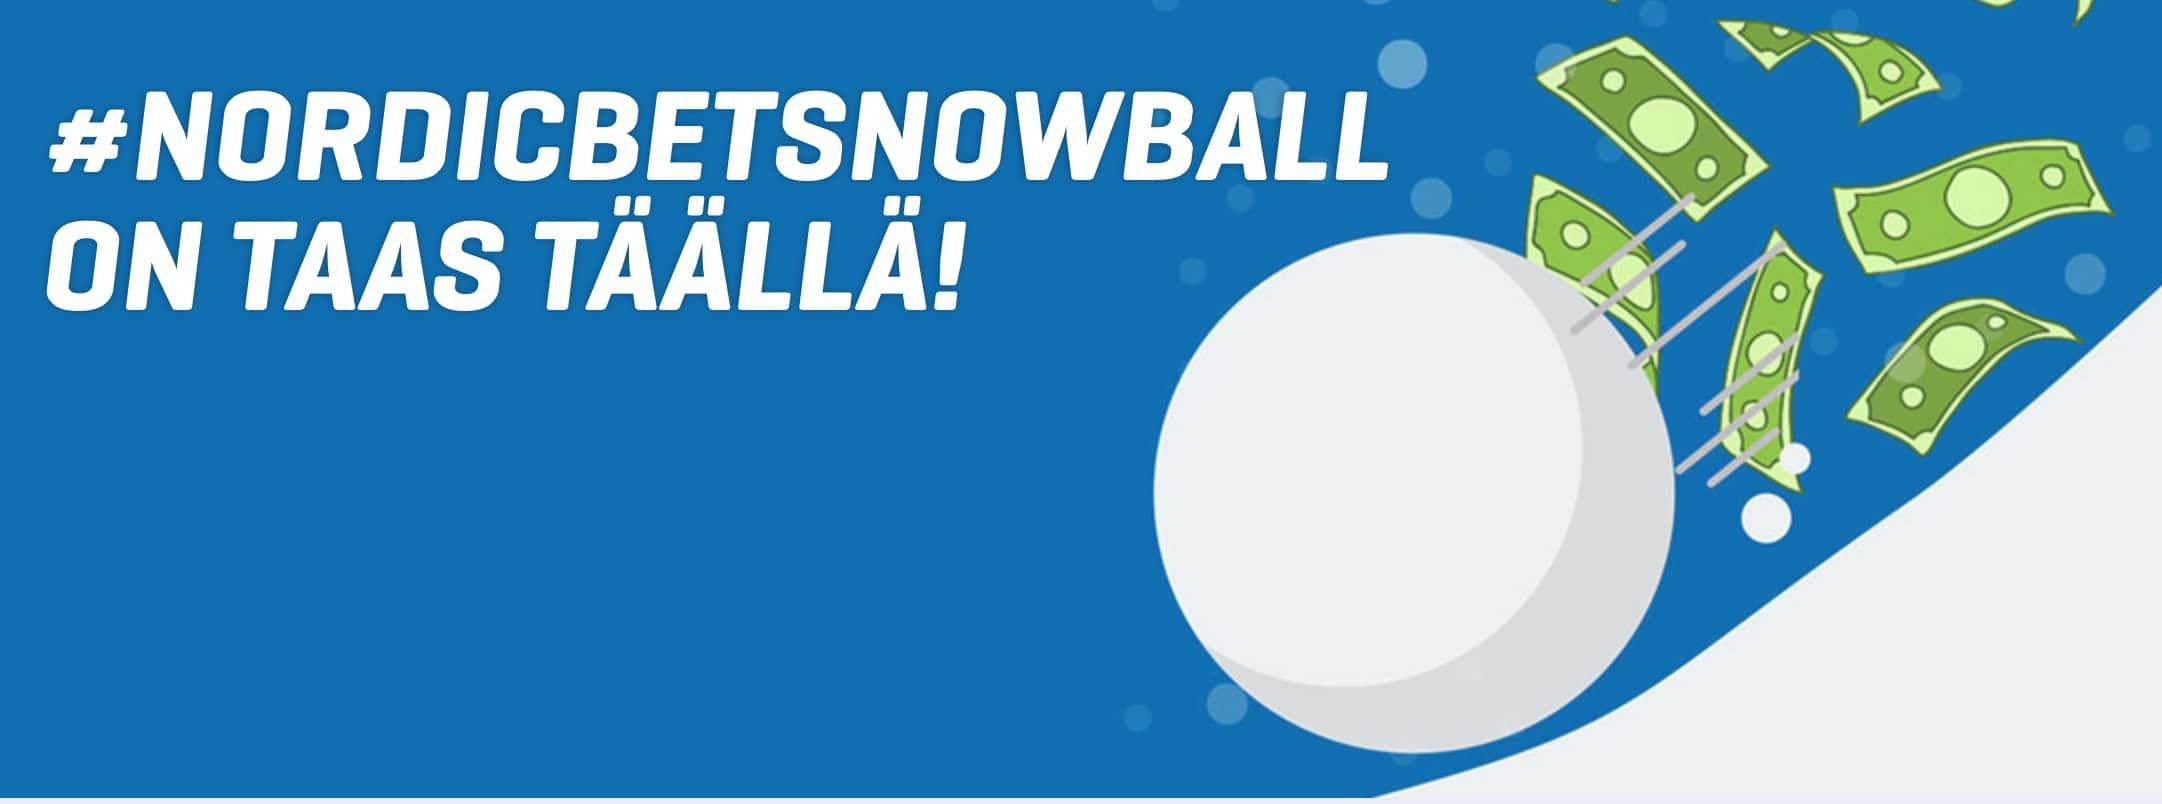 NordicBetin Snowball-kilpailu käynnissä – pääpalkintona matka ManU-Liverpool -peliin